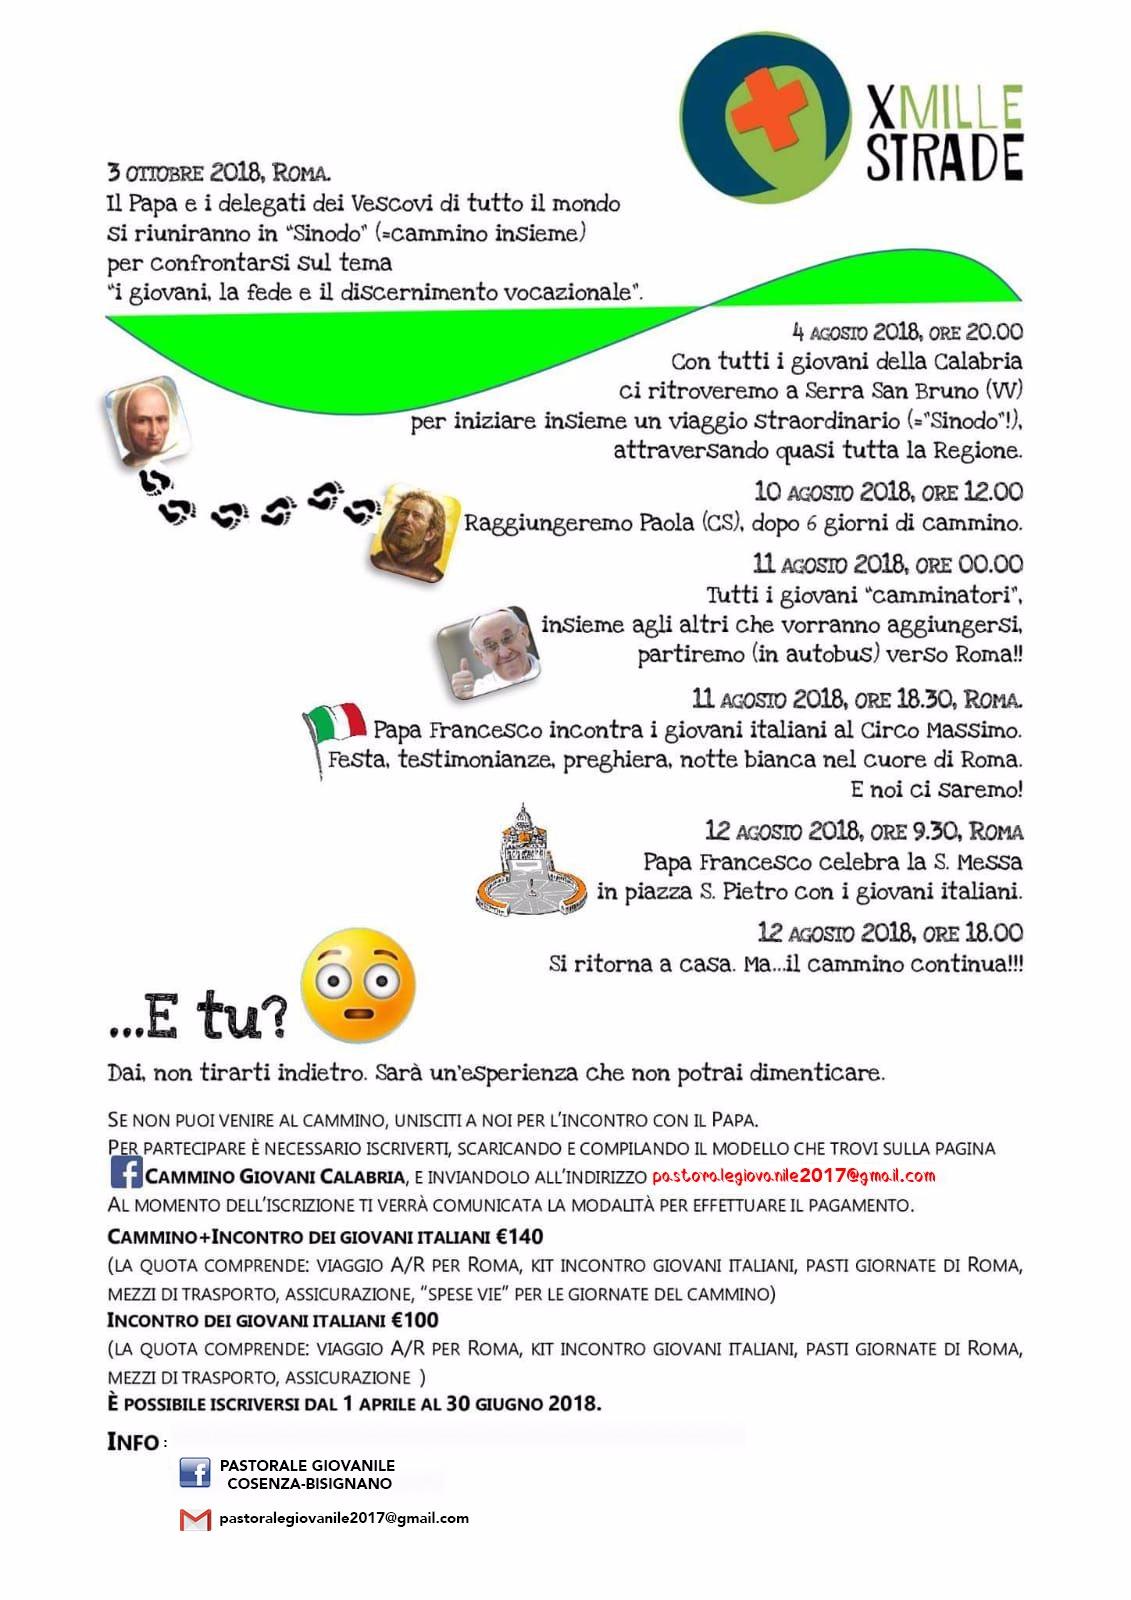 WhatsApp Image 2018-05-25 at 20.48.28